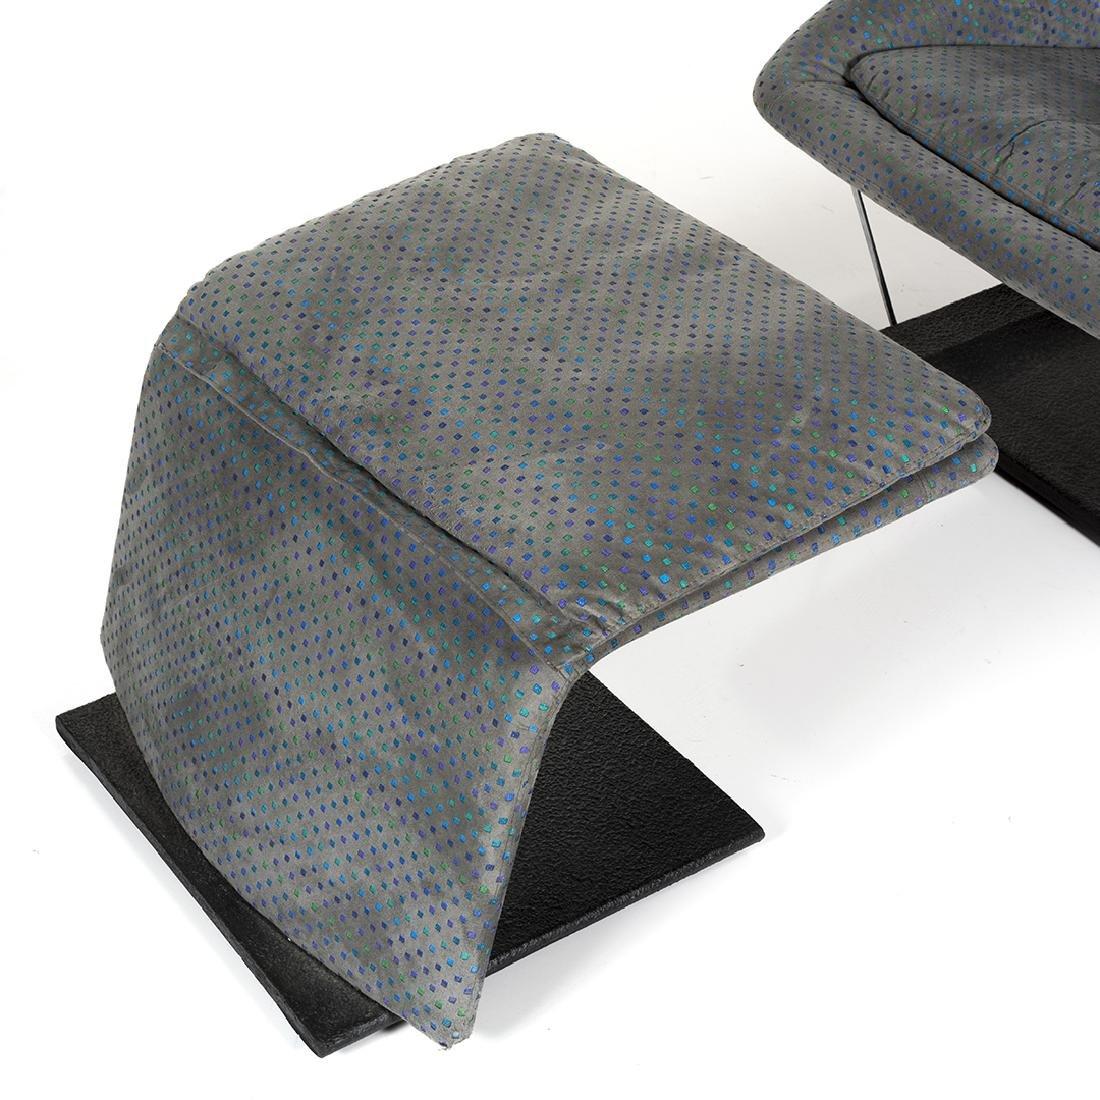 Saporiti Lounge Chair and Ottoman - 8